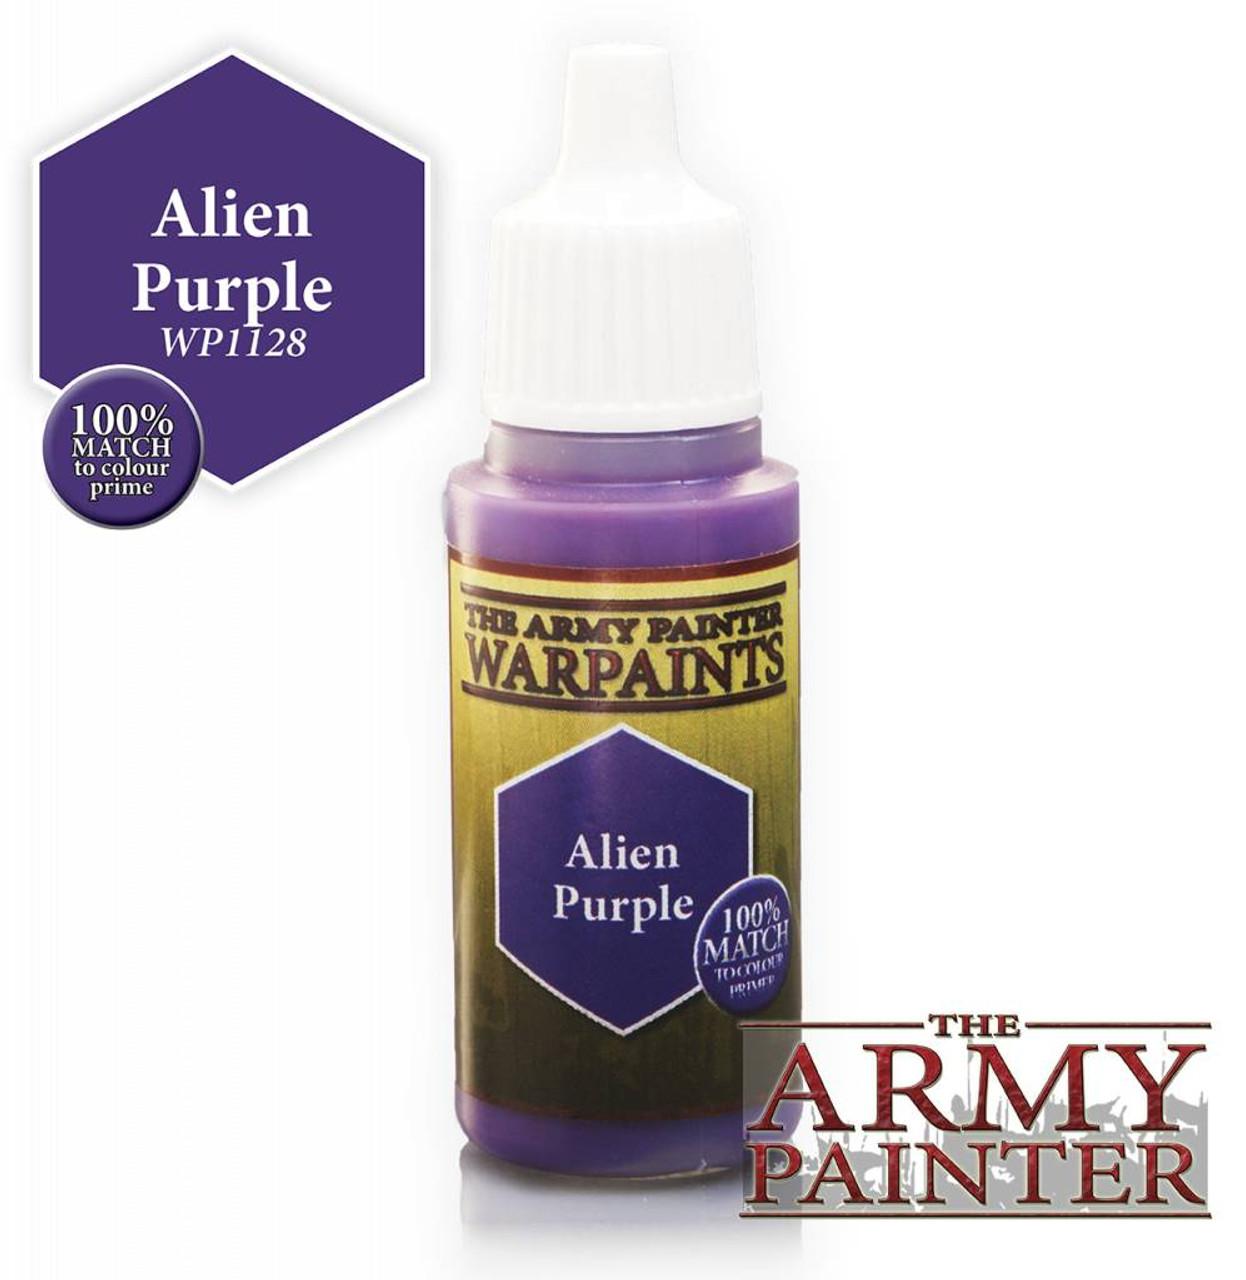 Army Painter: Warpaints Alien Purple 18ml